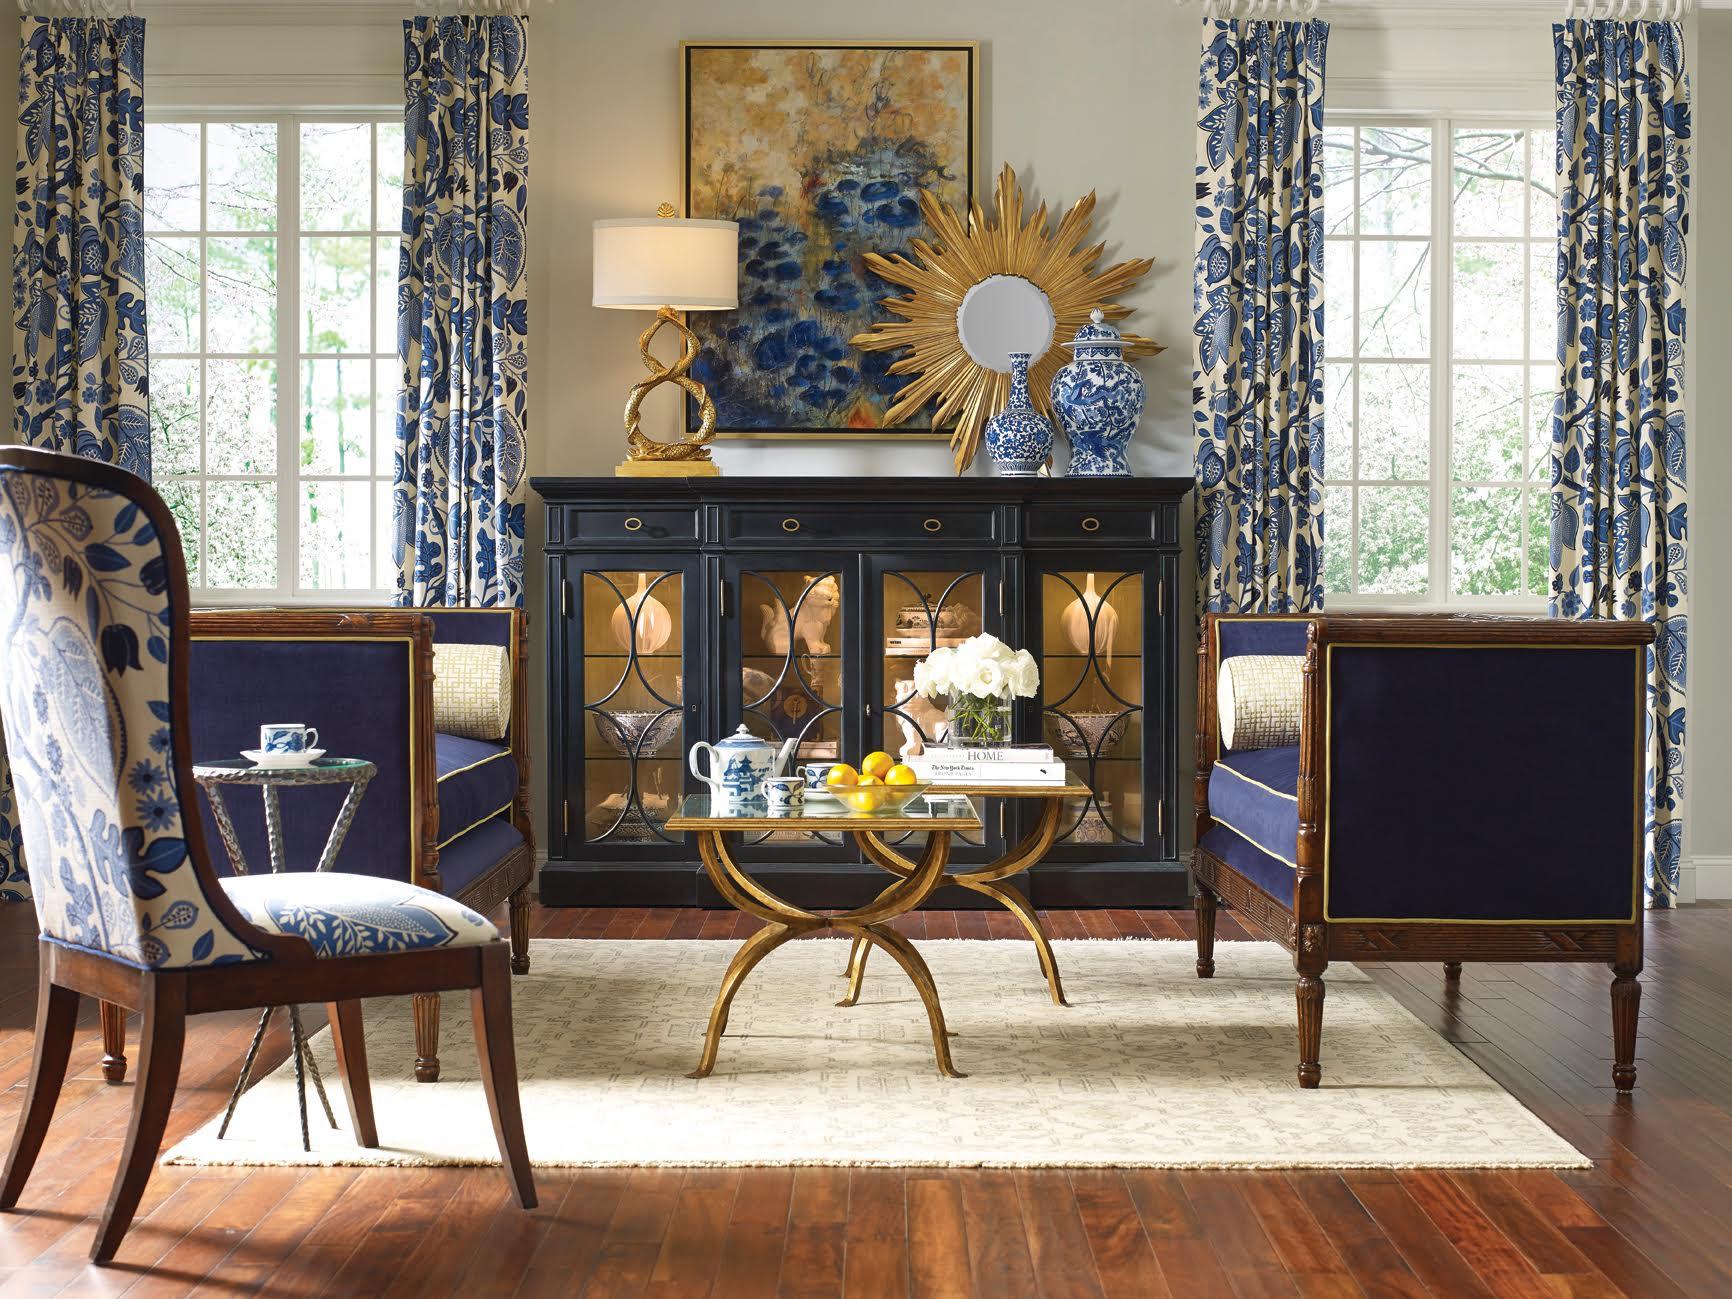 Gasior's Furniture & Interior Design image 10